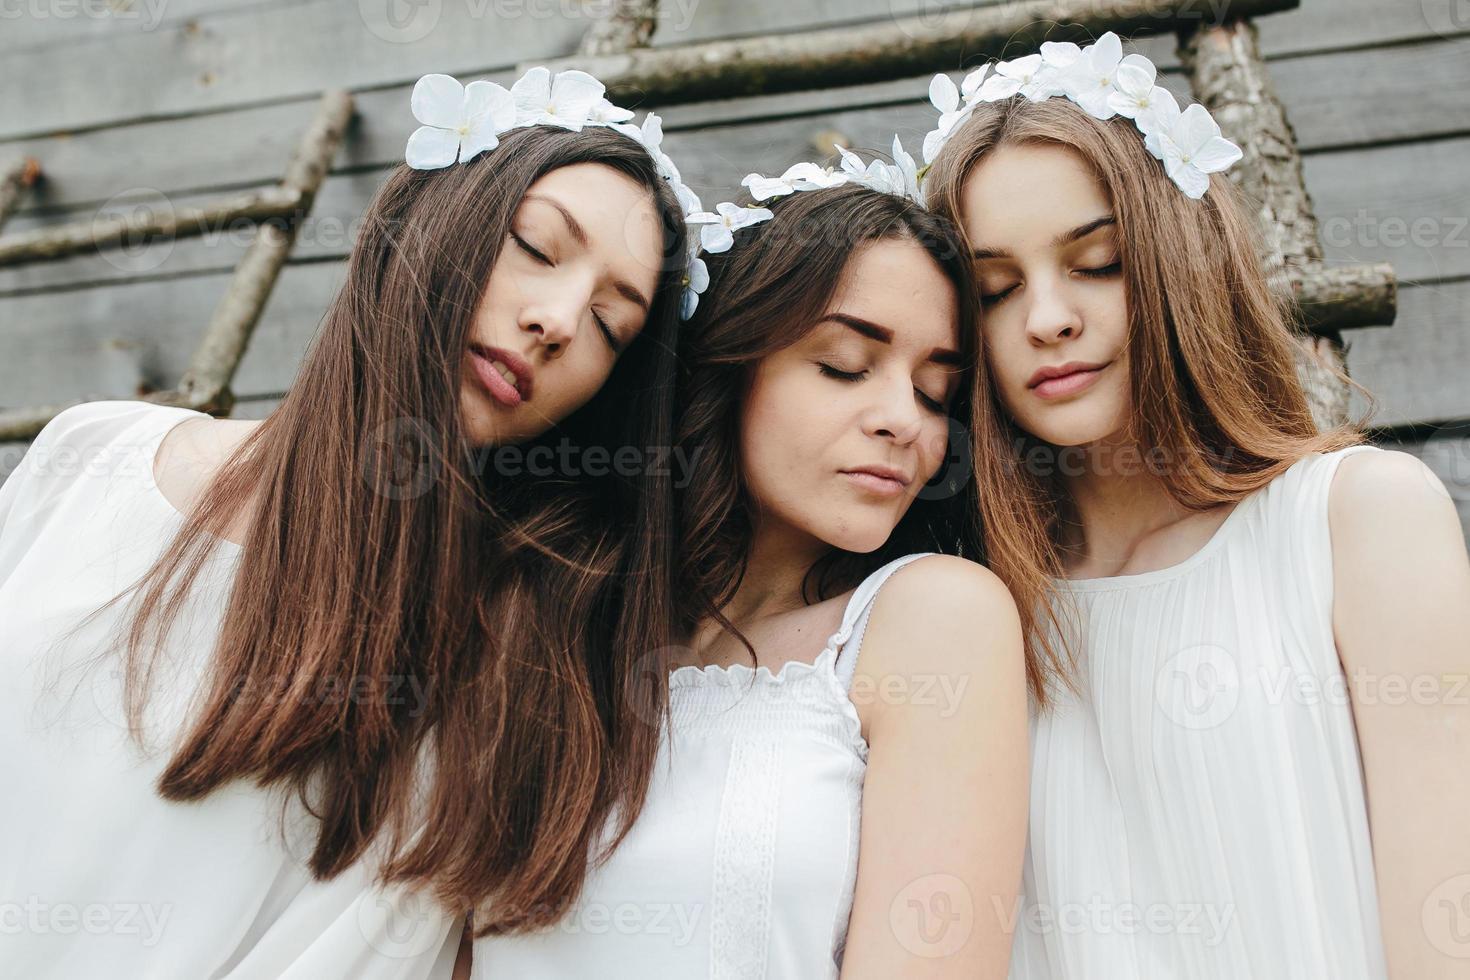 trois belles filles photo